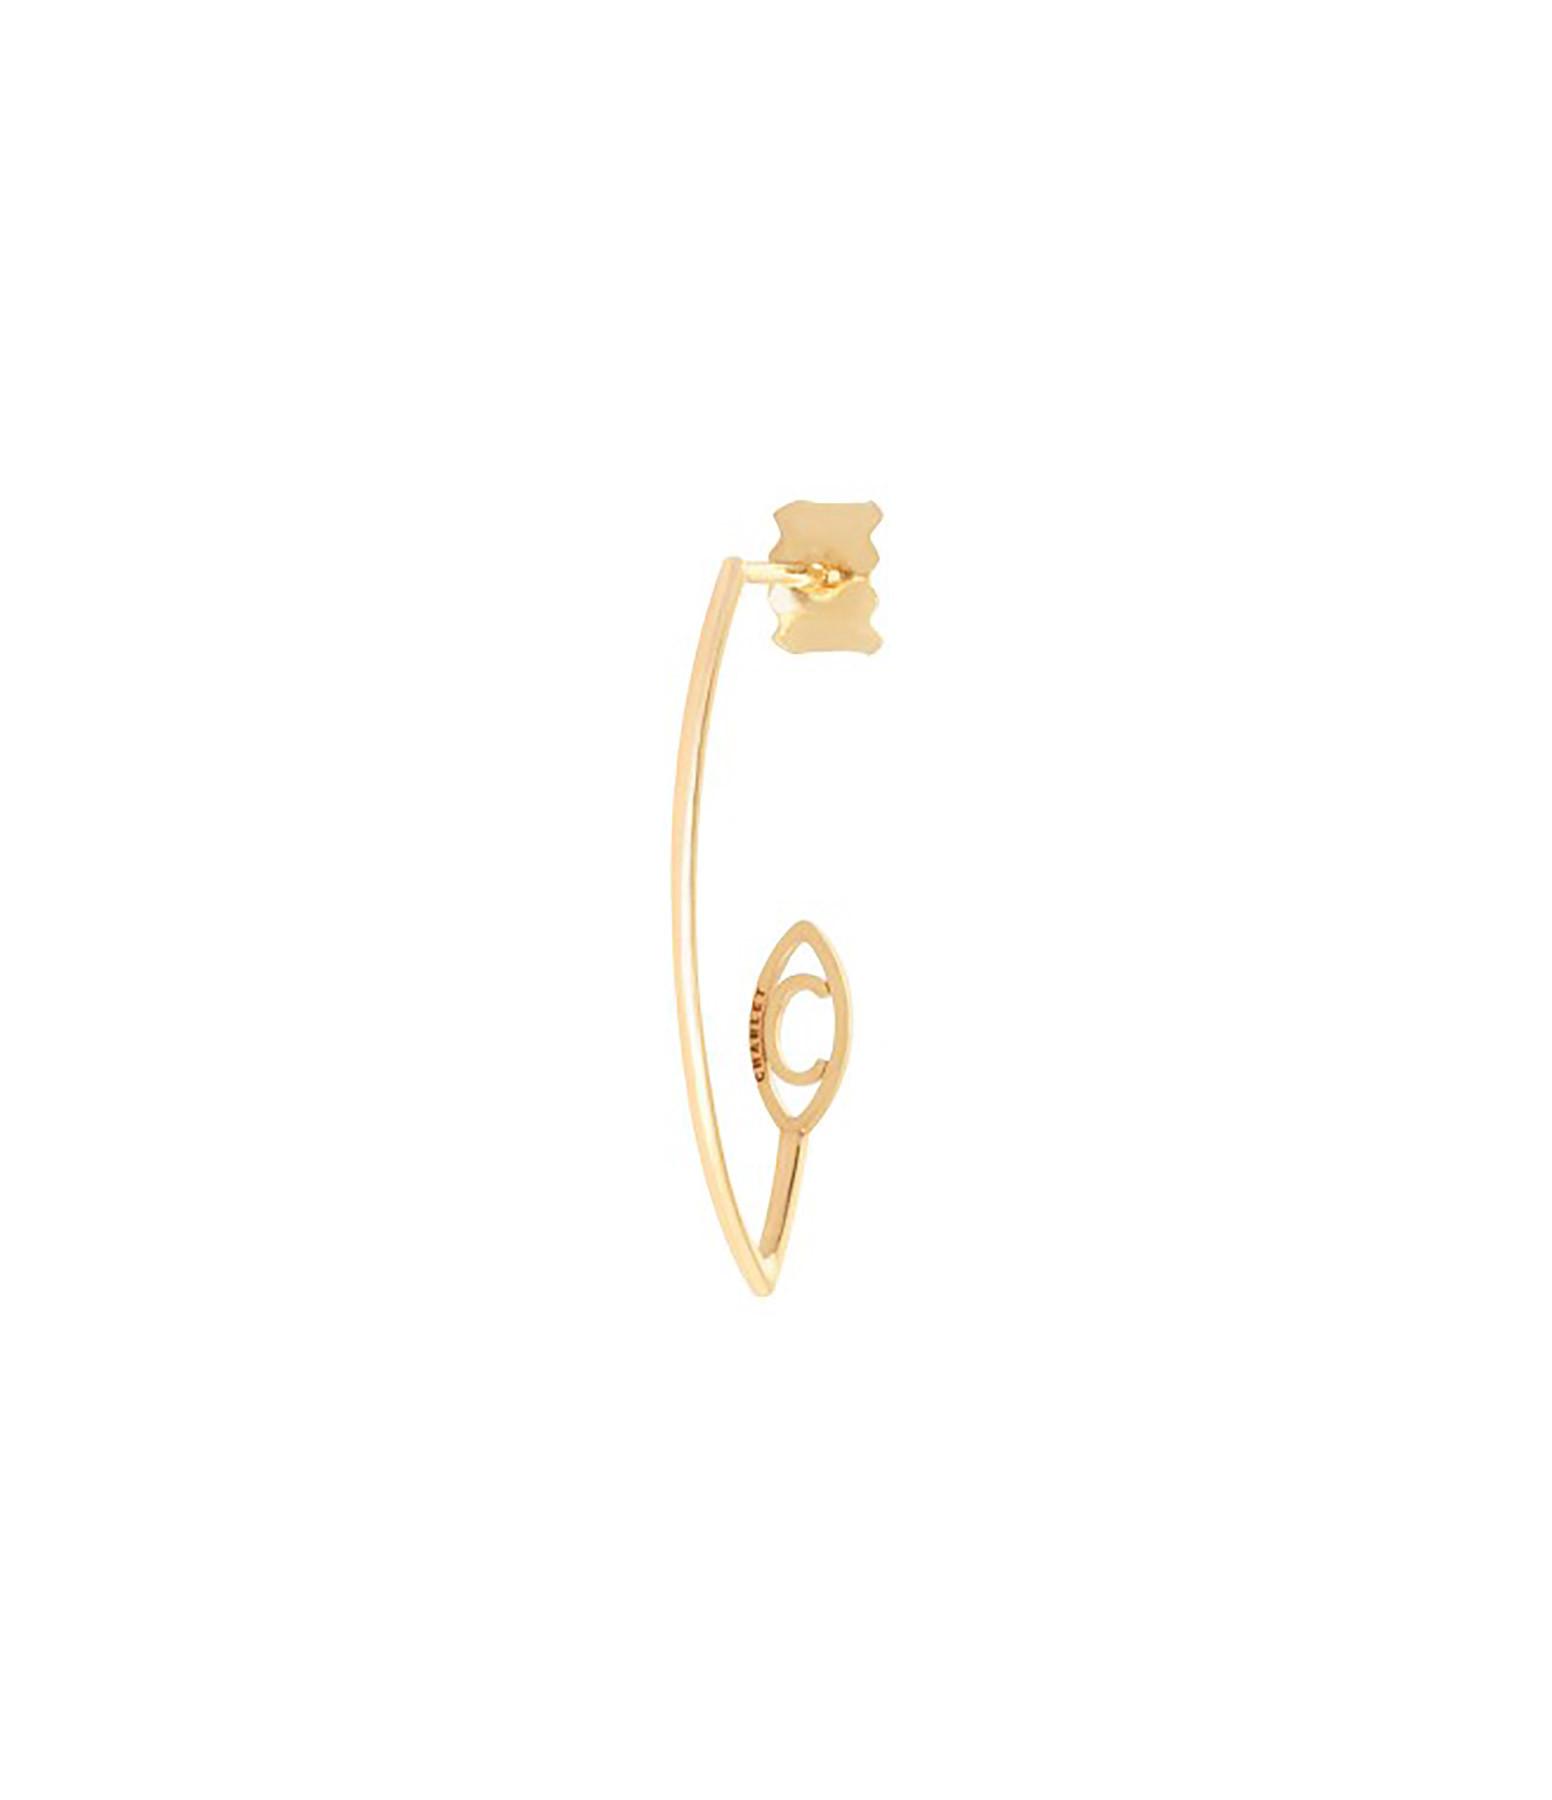 CHARLET - Demi-créole Iris Petit Modèle Or Jaune (vendue à l'unité)